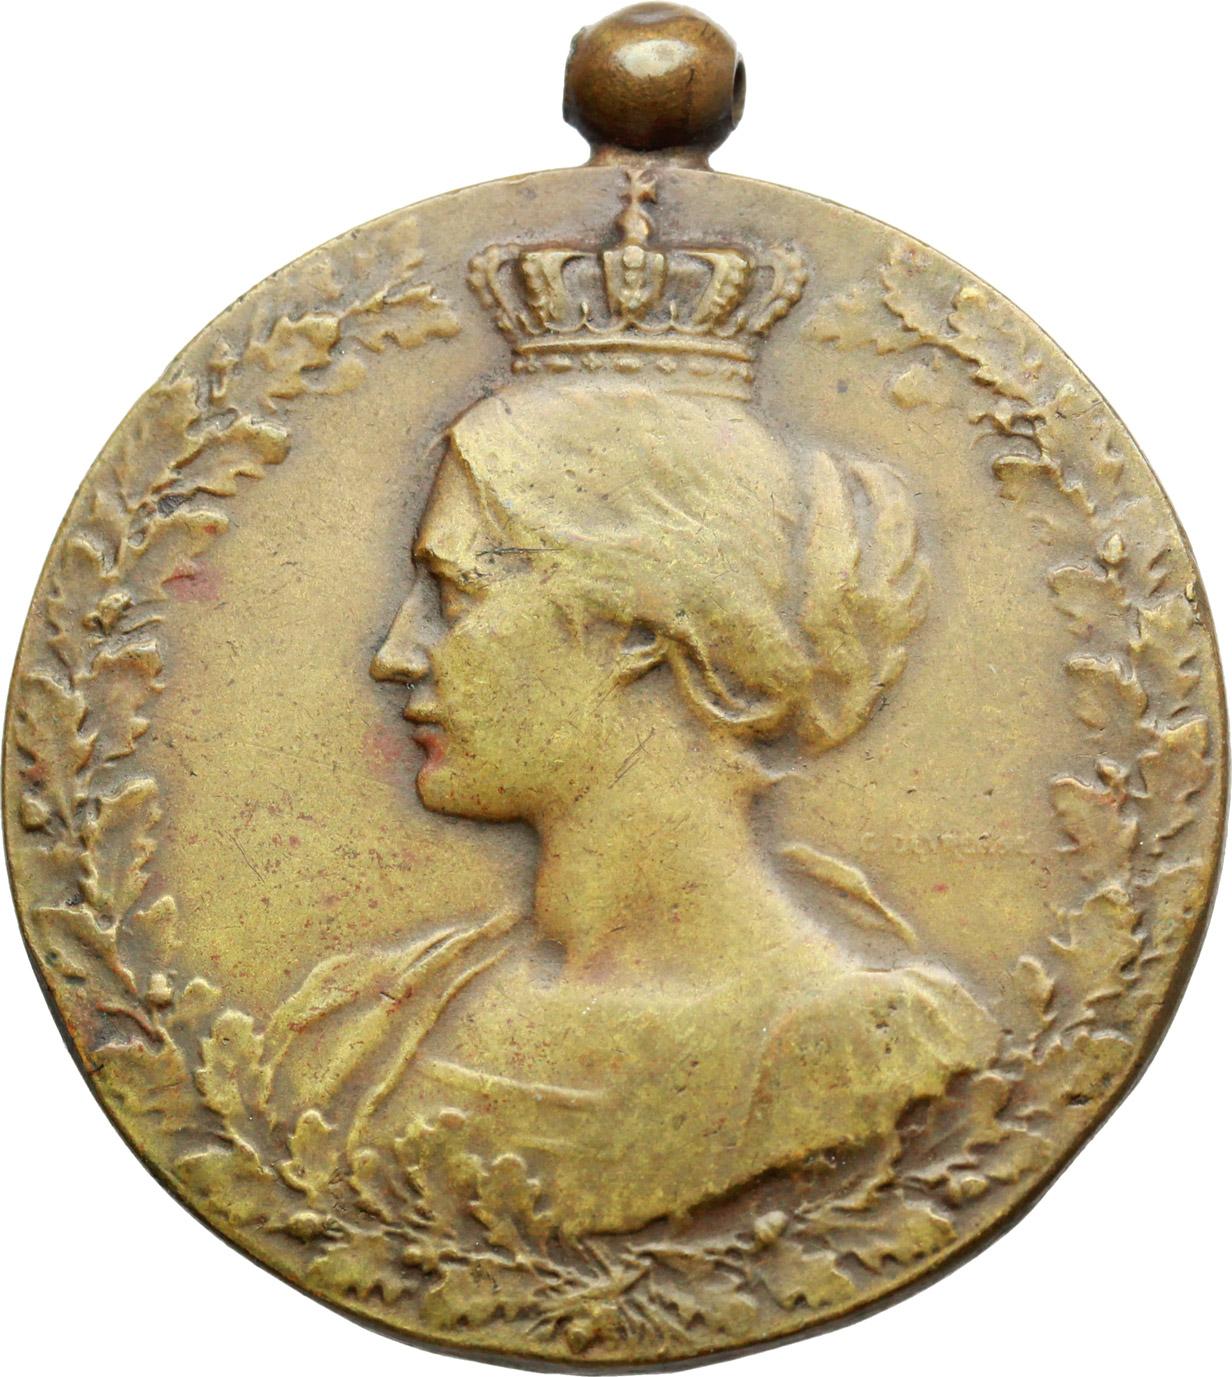 D/  Medaglia en souvenir de sa collaboration. 1914 CN 1918.     AE.   mm. 34.50 Inc. M. Zingoni.   BB.